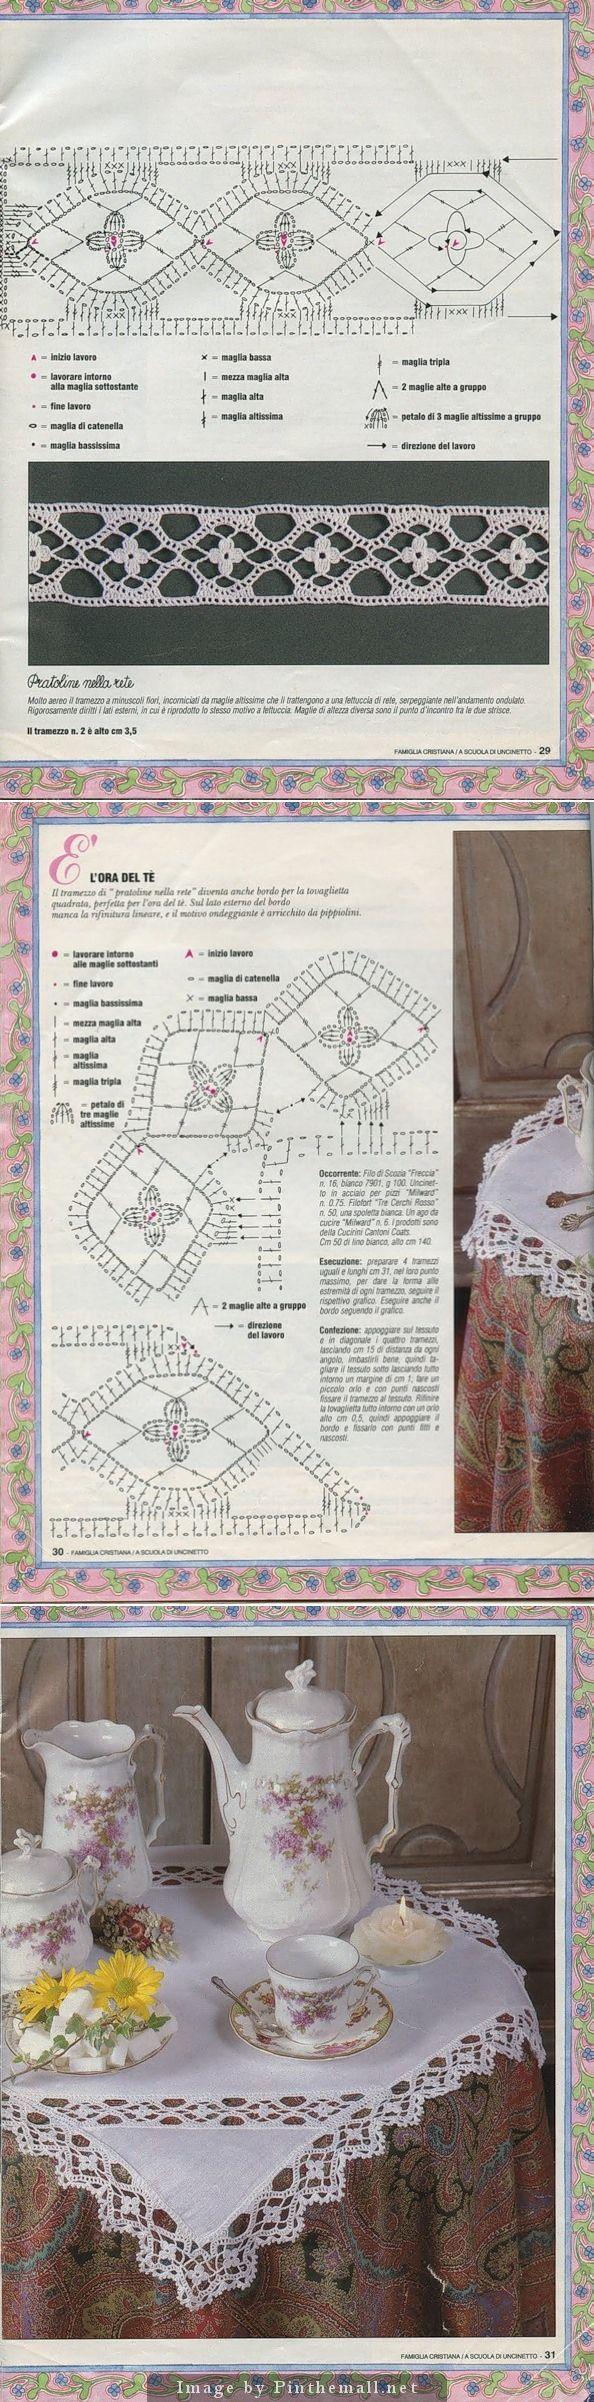 Lovely flower insertion & edging (incl. turning corner) ~~ http://www.webchiem.com/2011/05/crochet-lace-more-patterns-in-crochet.html?m=1